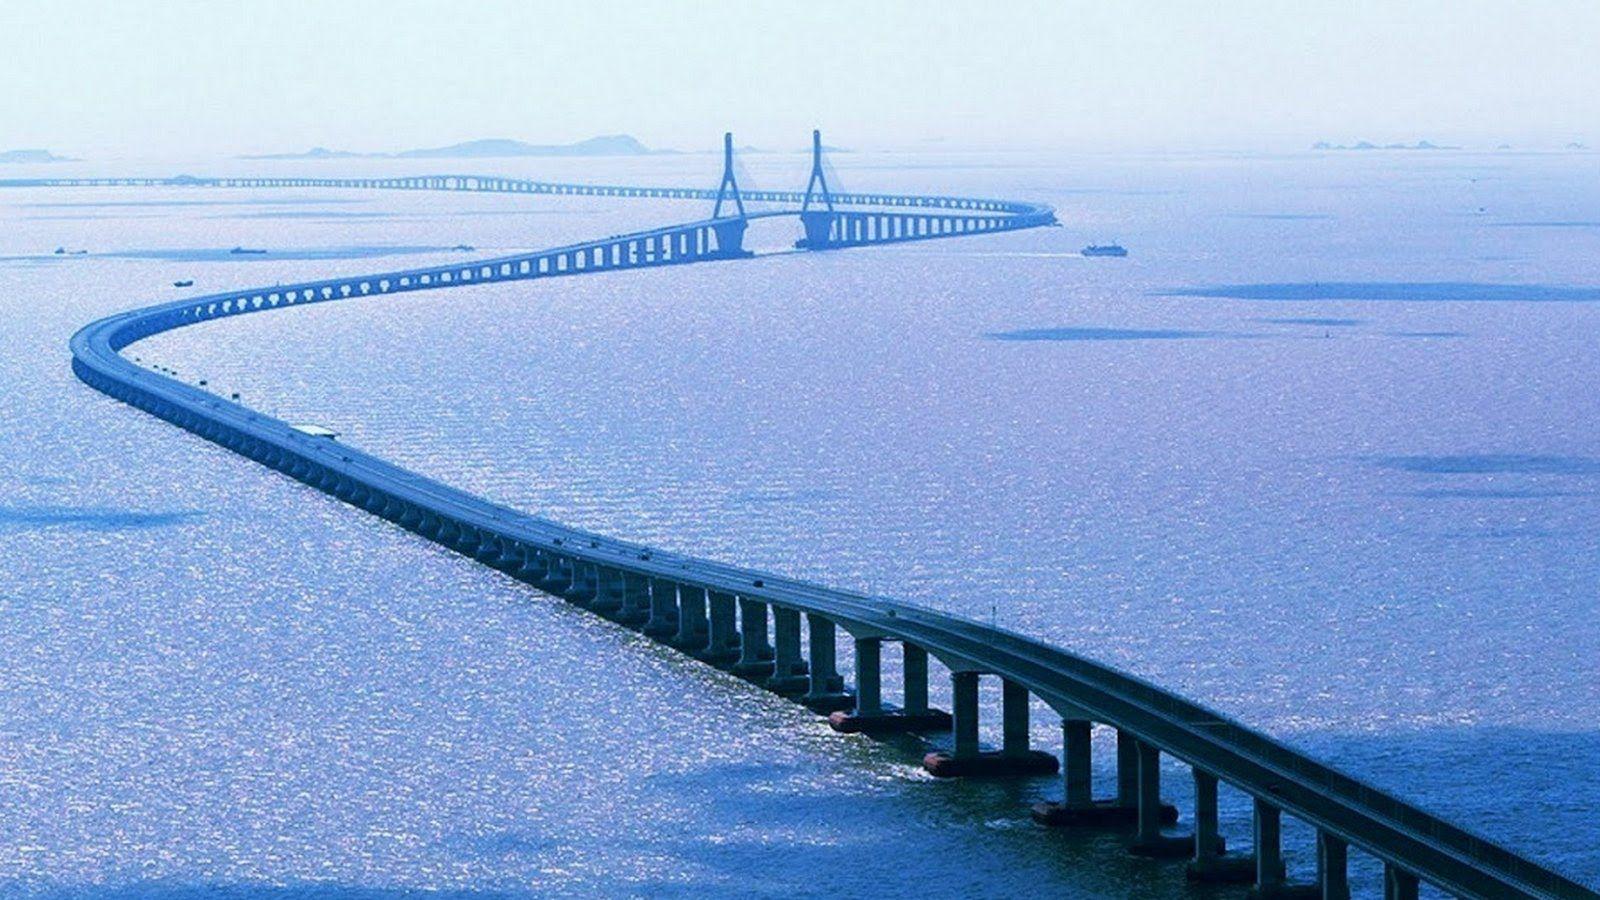 В Китае построили самый длинный мост в мире, и вот, как выглядит это чудо архитектуры - фото 371741